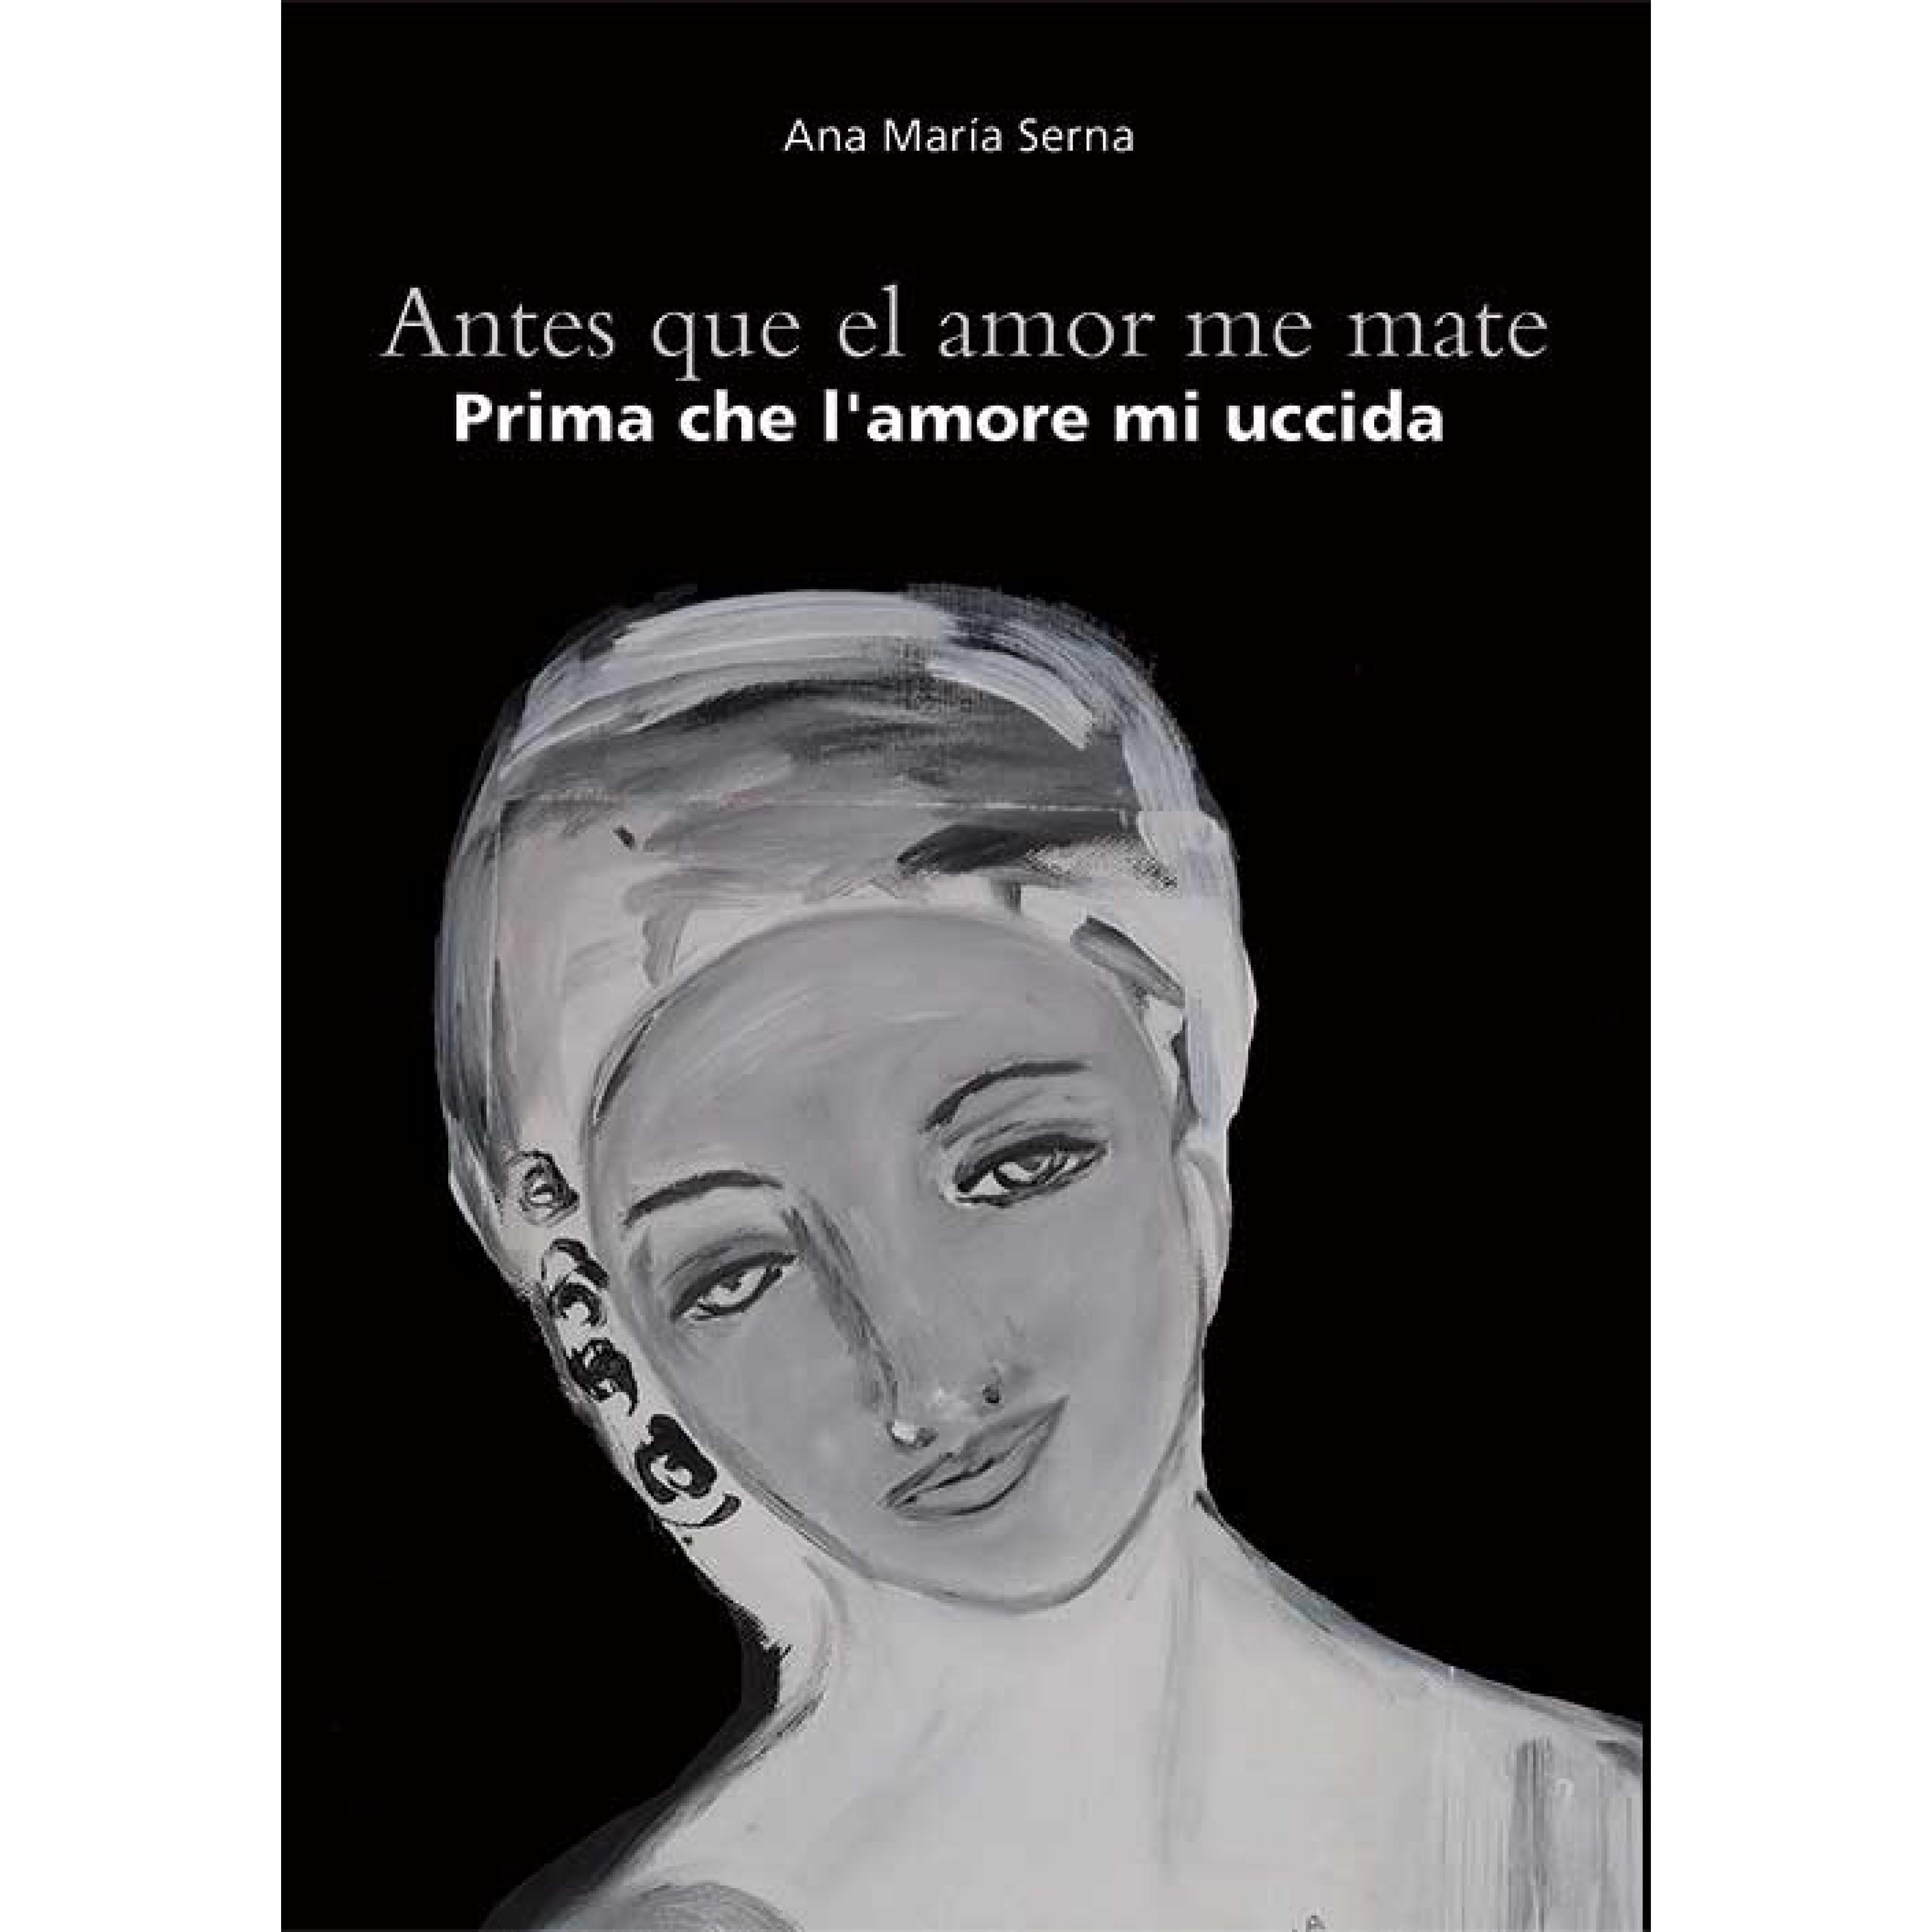 Antes que el amor me mate - Prima che l'amore mi uccida